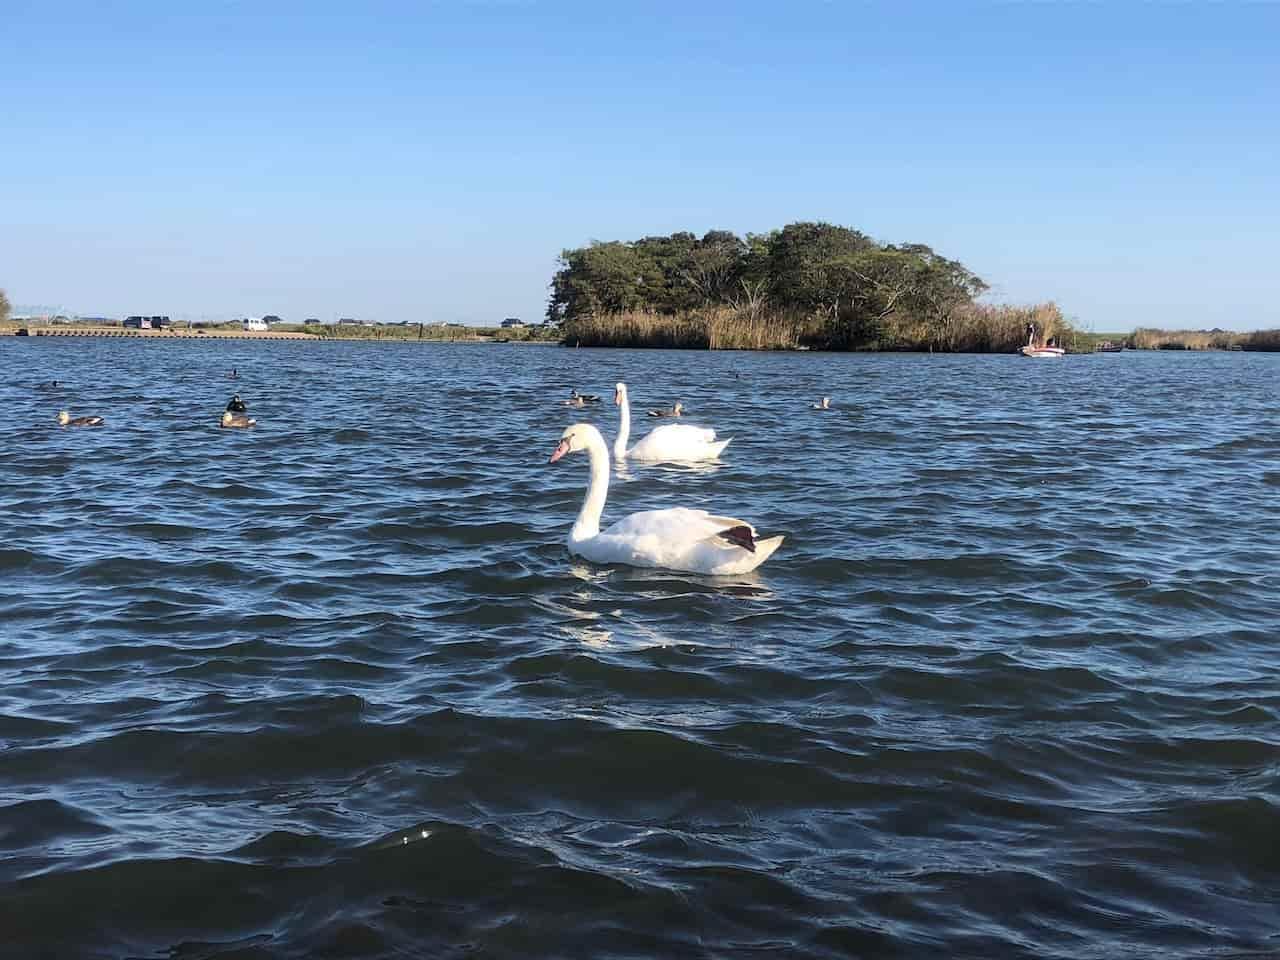 利根川に白鳥が泳ぐ